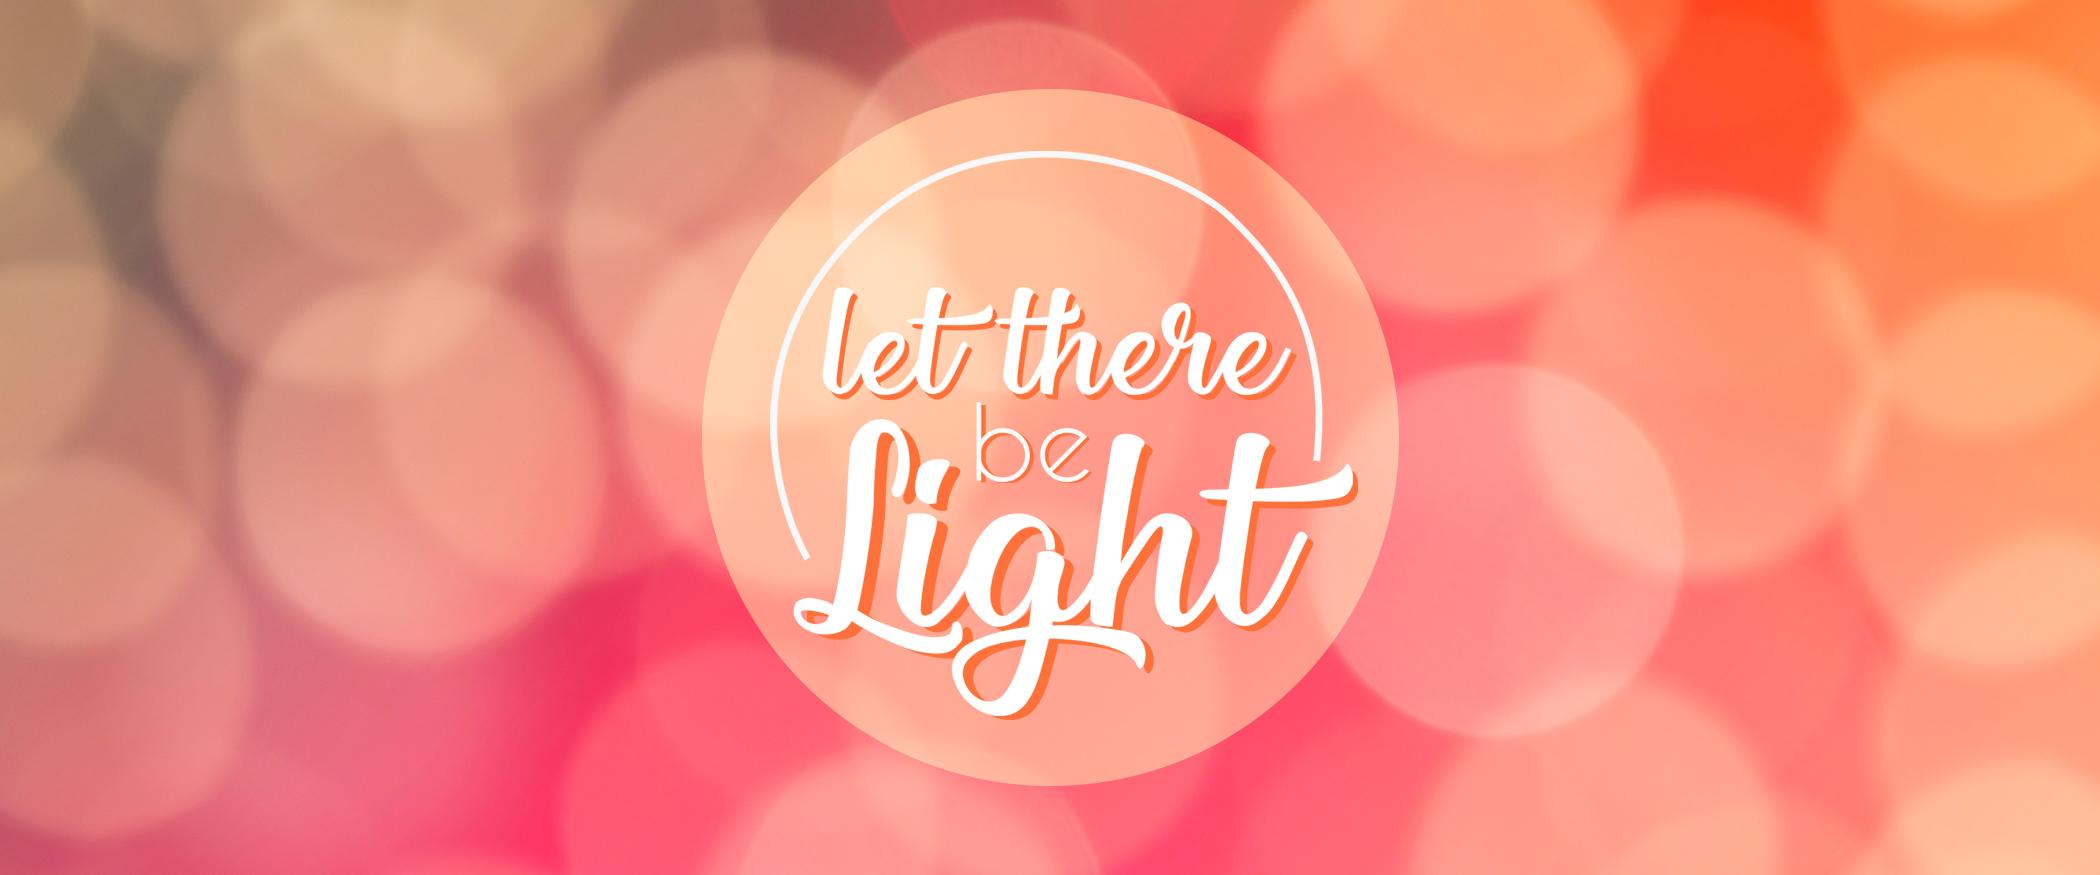 light_slide